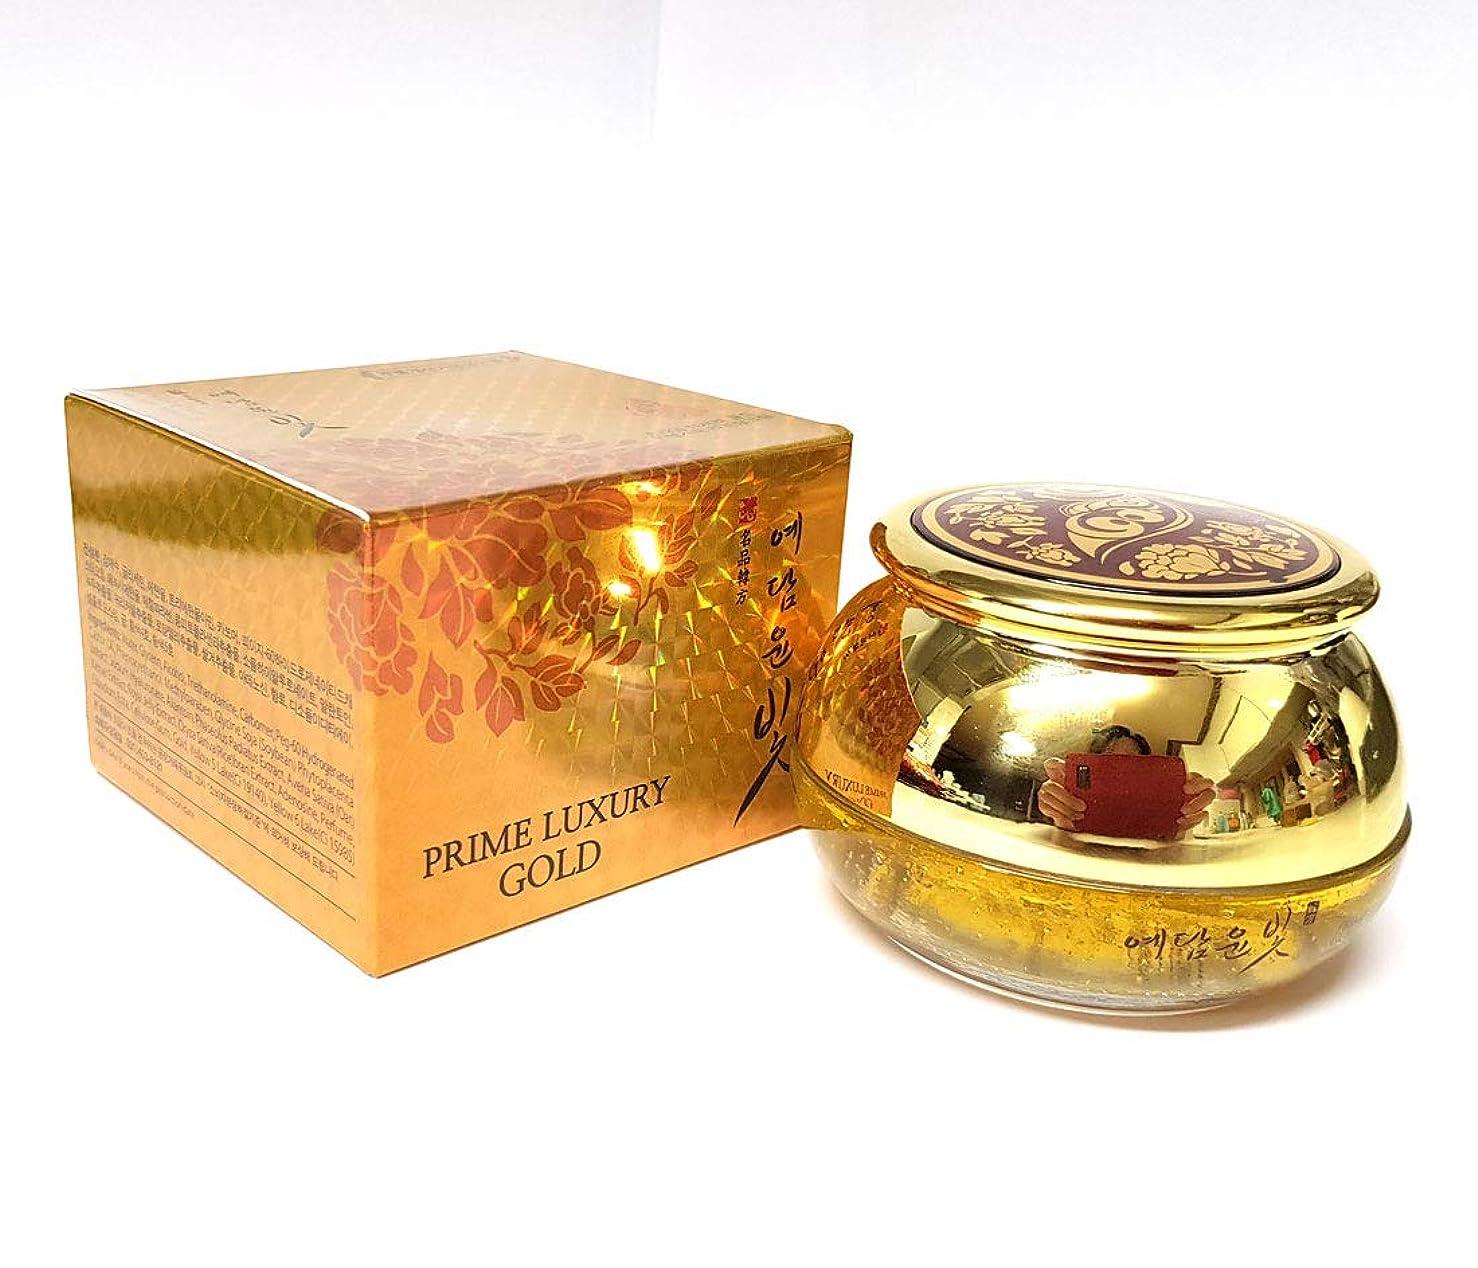 リングうなり声ステレオ[YEDAM YUNBIT] プライムラグジュアリーゴールドリフティングクリーム50g/ Prime Luxury Gold Lifting Cream 50g /ゴールドエキス/gold extract/しわ改善、保湿/wrinkle improvement, moisturizes/韓国化粧品/Korean Cosmetics [並行輸入品]